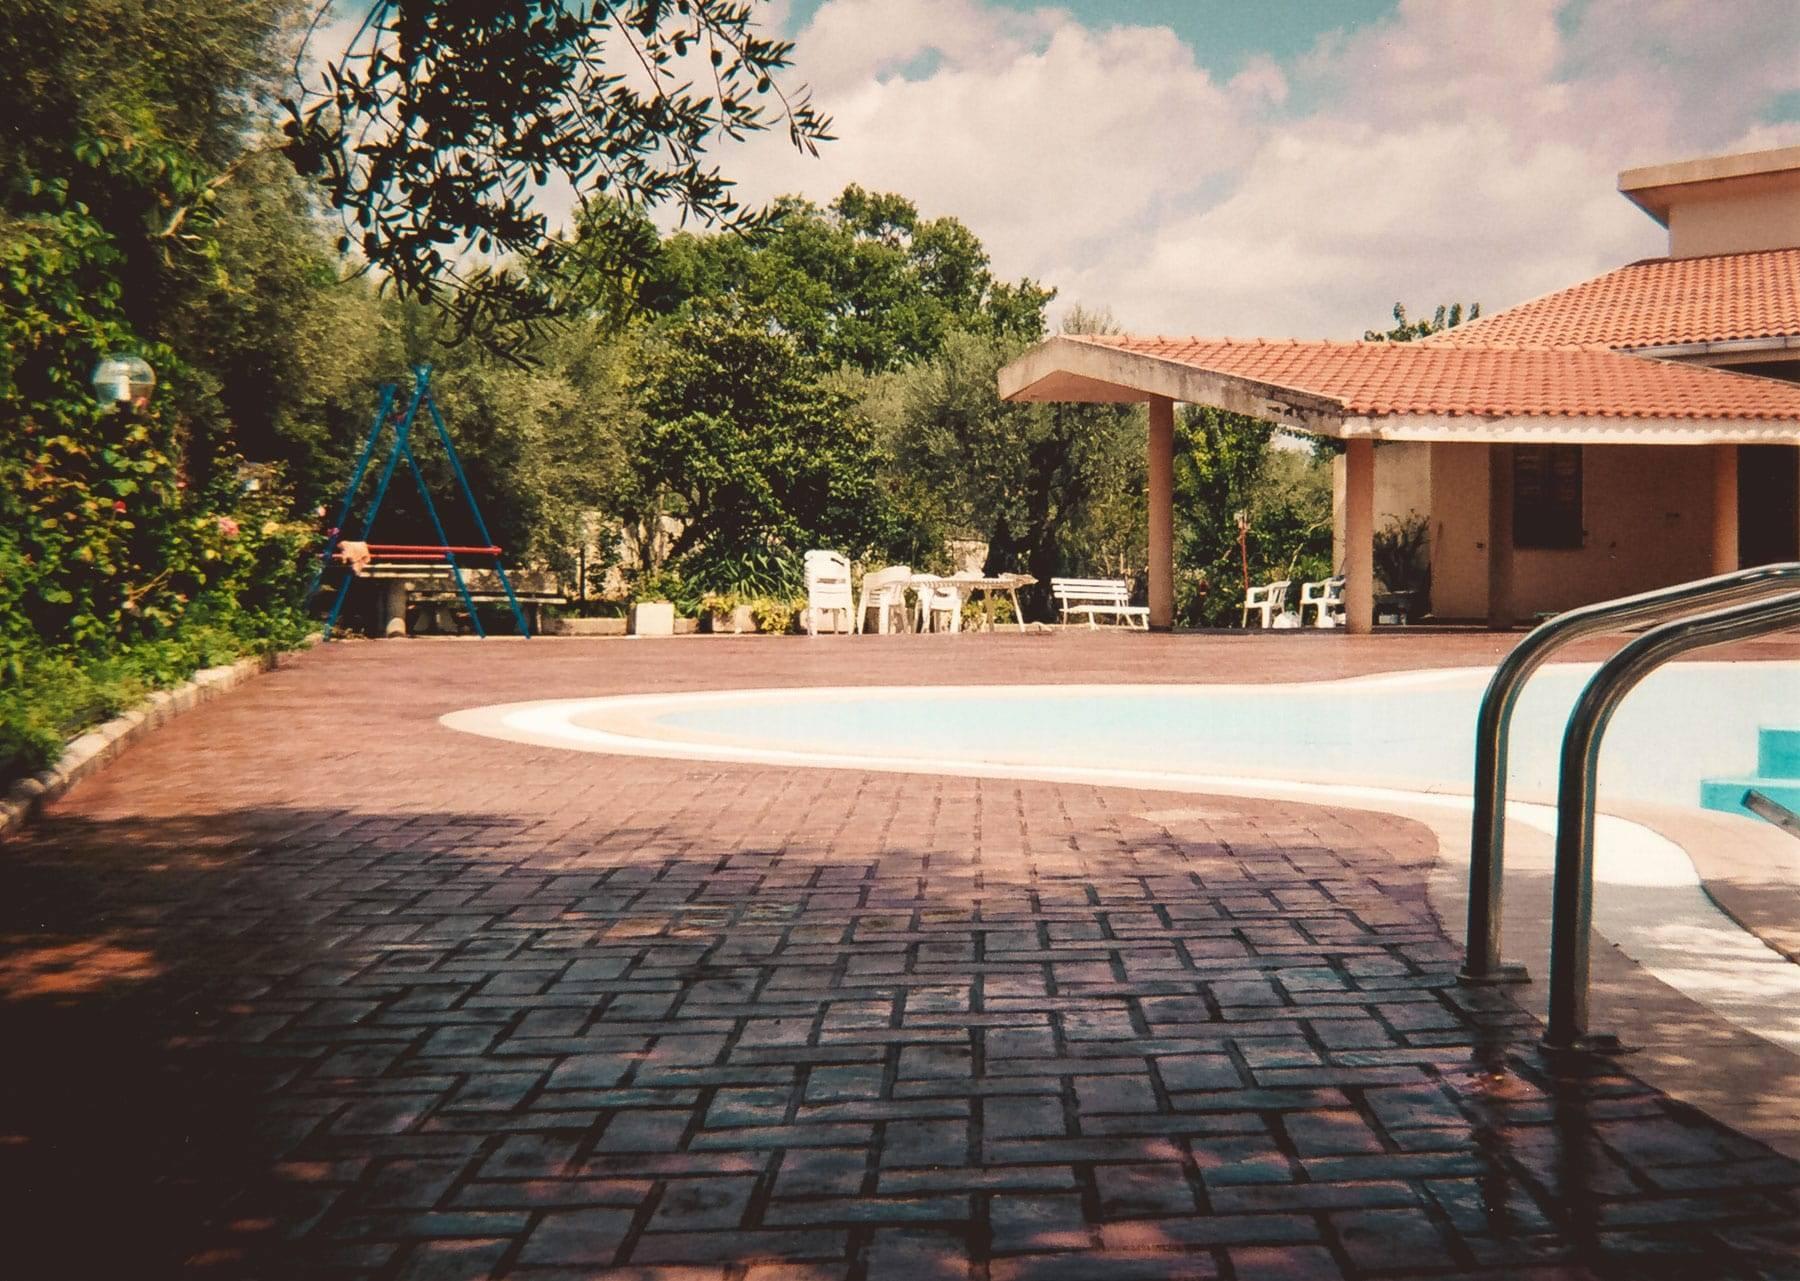 25 Spazio esterno bordo piscina/ Finitura mattoni a spina di pesce / Colore cotto